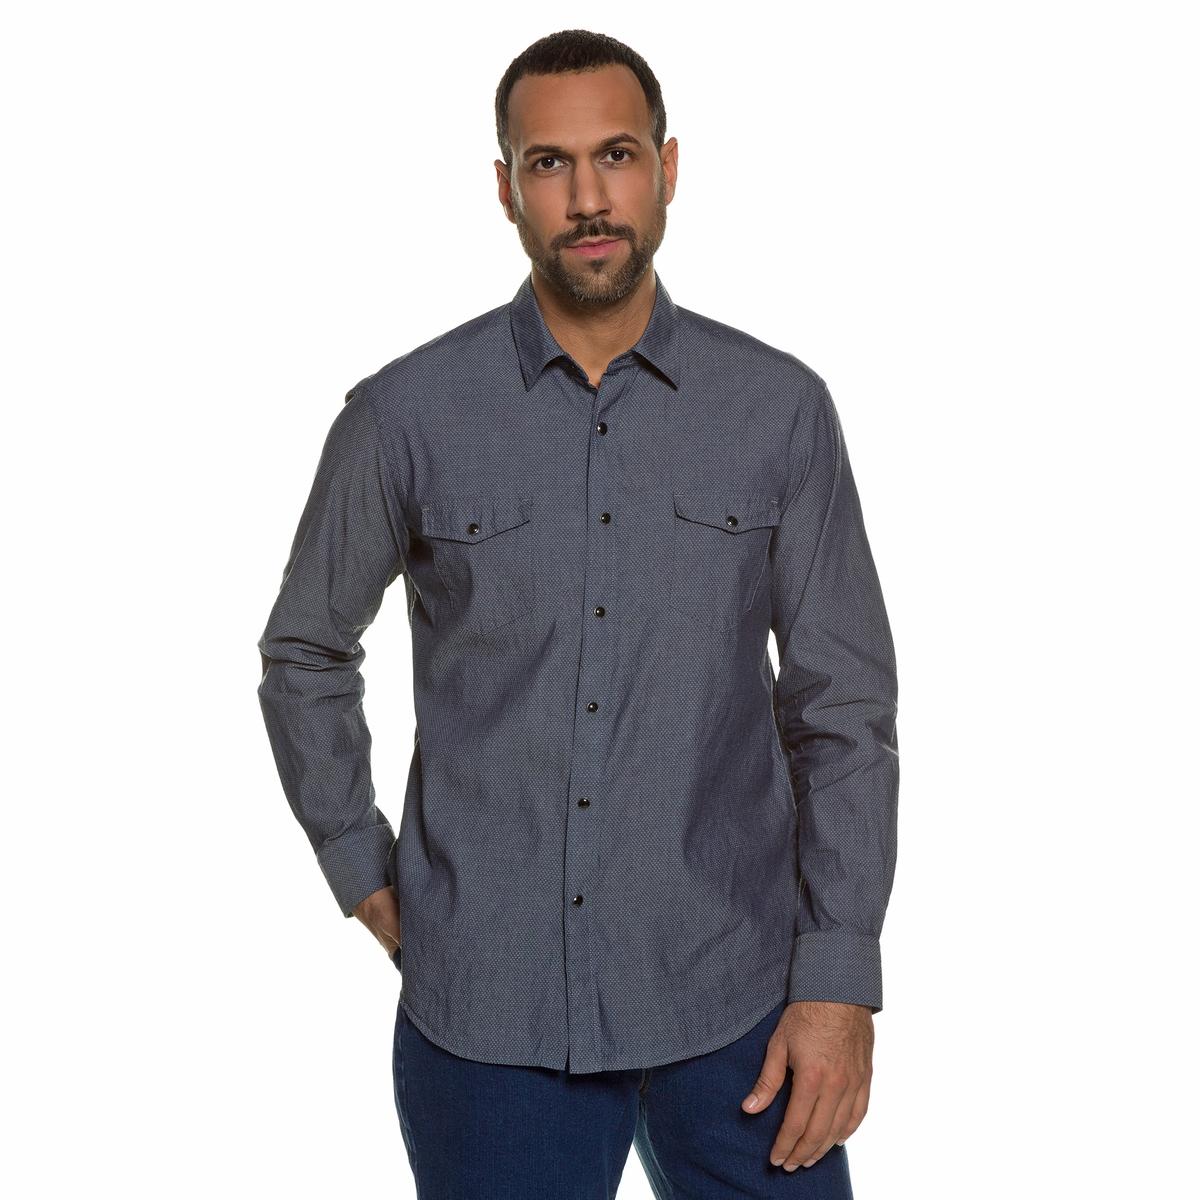 РубашкаРубашка с длинными рукавами JP1880. 100% хлопок. Рубашка мужского покроя с мелким узором. Воротник-Кент и 2 нагрудных кармана. Слегка приталенный покрой позволяет носить рубашку также поверх брюк на свободный манер. Длина в зависимости от размера ок. 78-94 см<br><br>Цвет: черный